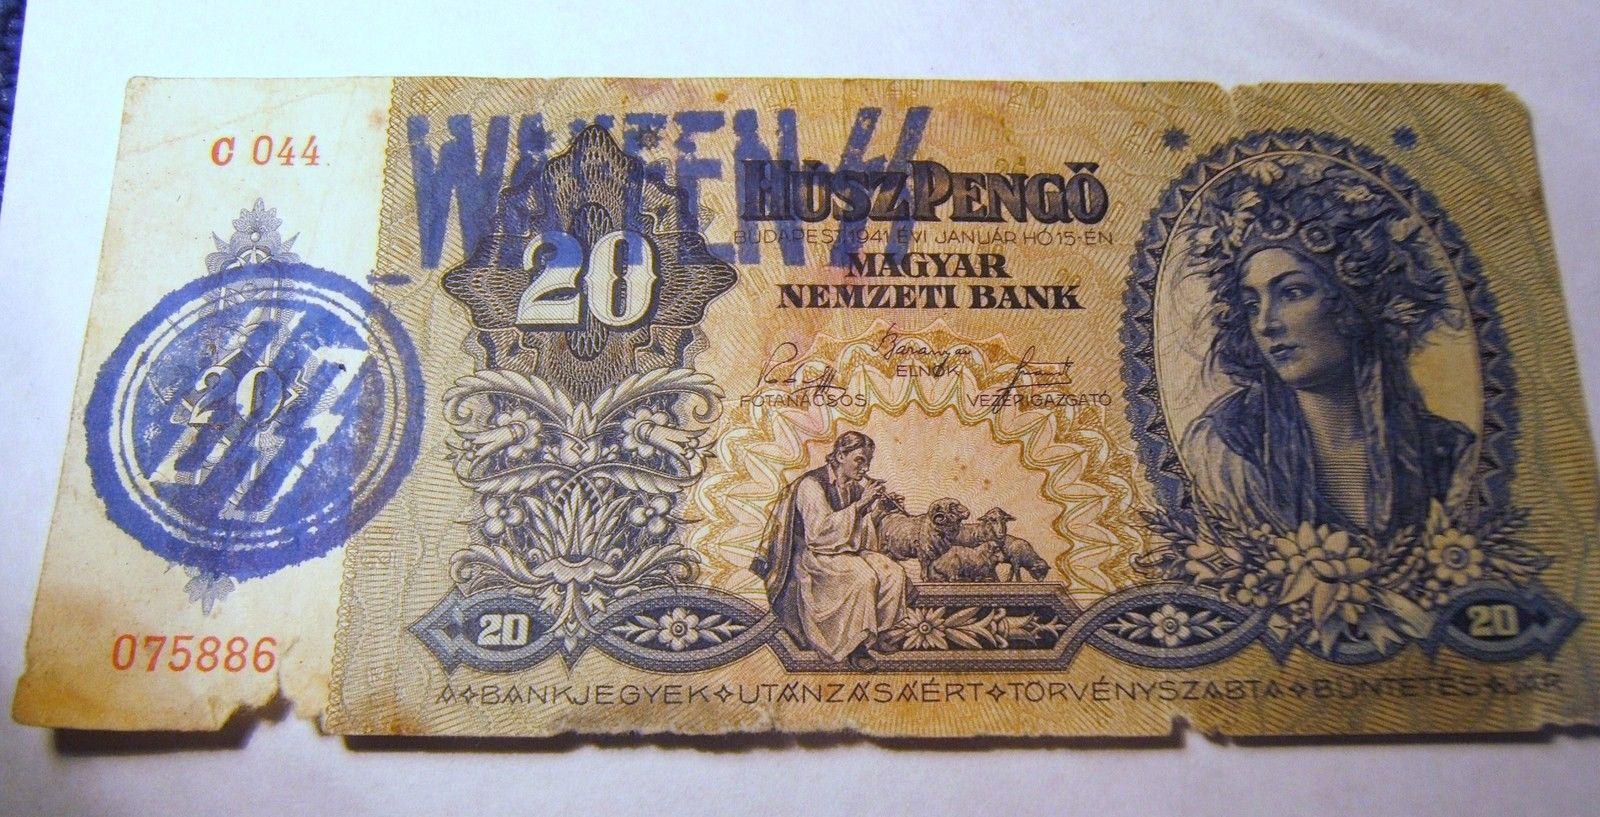 http://www.hamispenzek.hu/hirek/hamis-hazilag-tervezett-es-gyenge-minosegu-WAFFEN-SS-felulnyomas/Hamis-hazilag-tervezett-es-keszitett-gyenge-minosegu-SS-es-WAFFEN-SS-belyegzo-nyomataval-kek-szin-1941-20-pengo.jpg